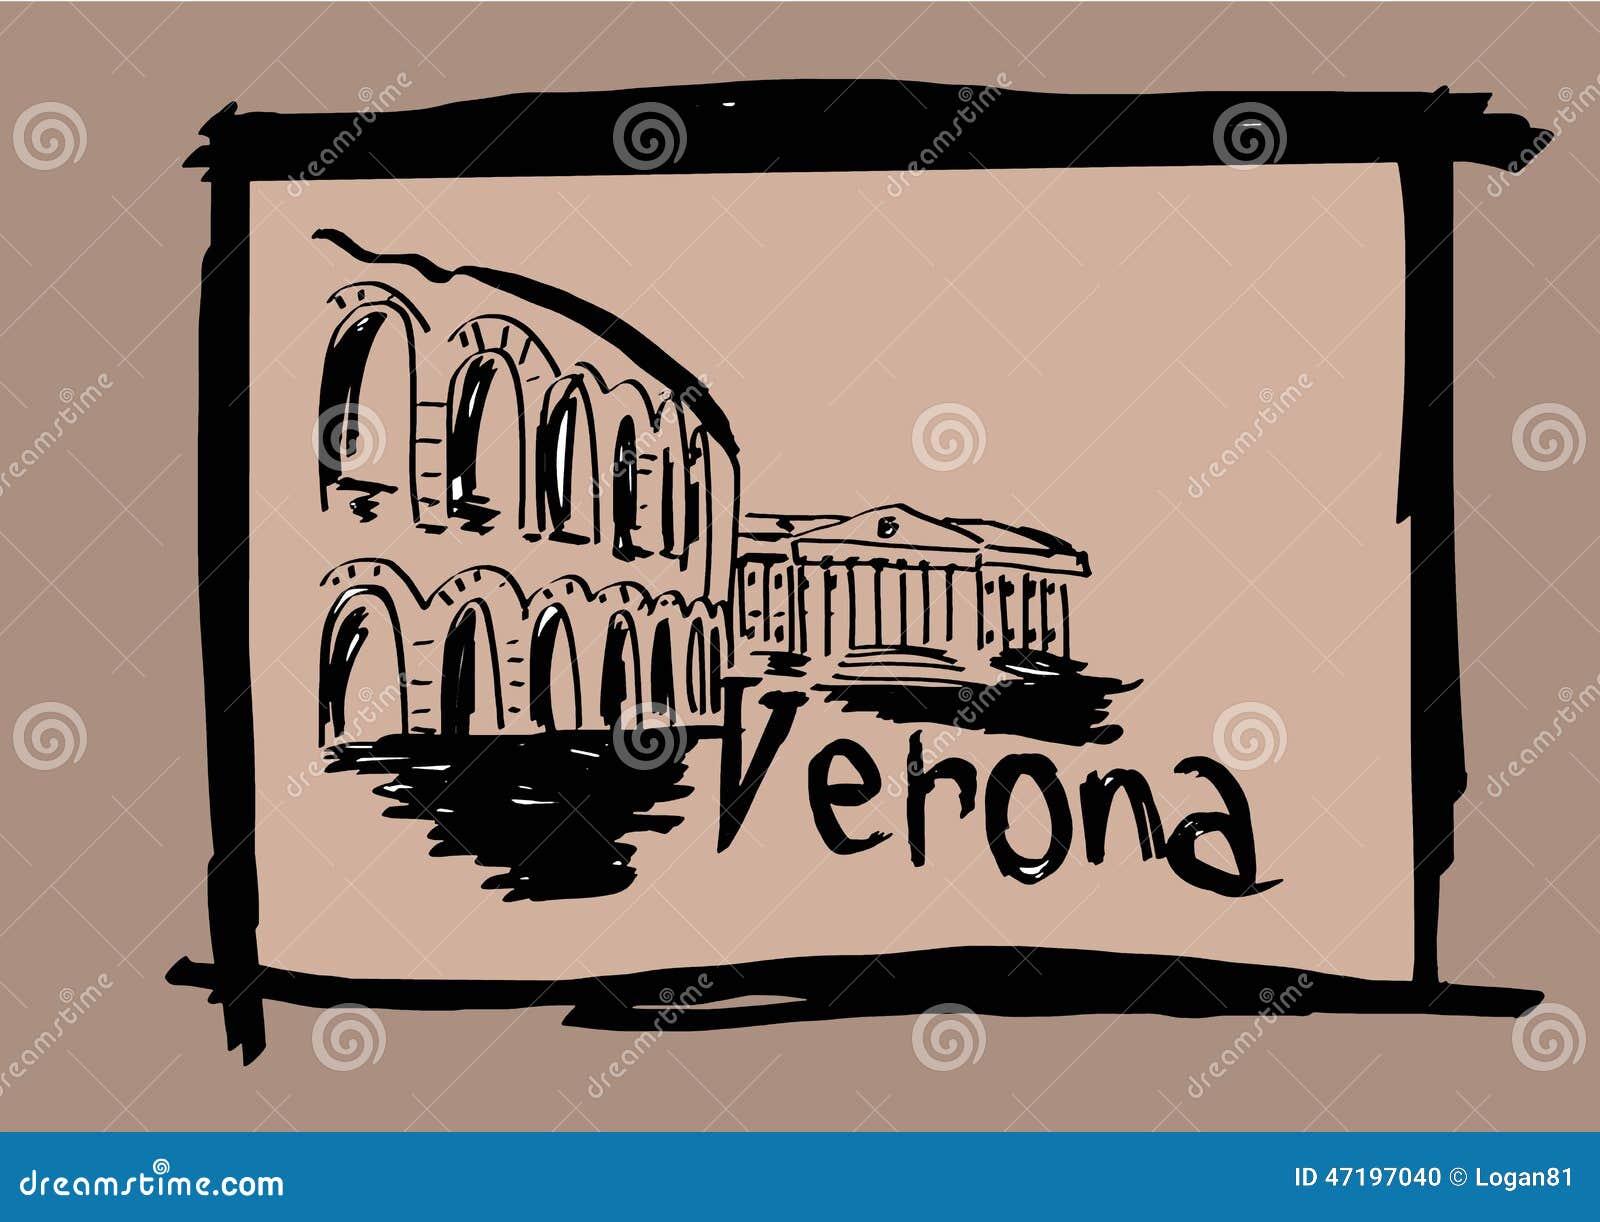 Verona sketch stock illustration. Illustration of holidays ...